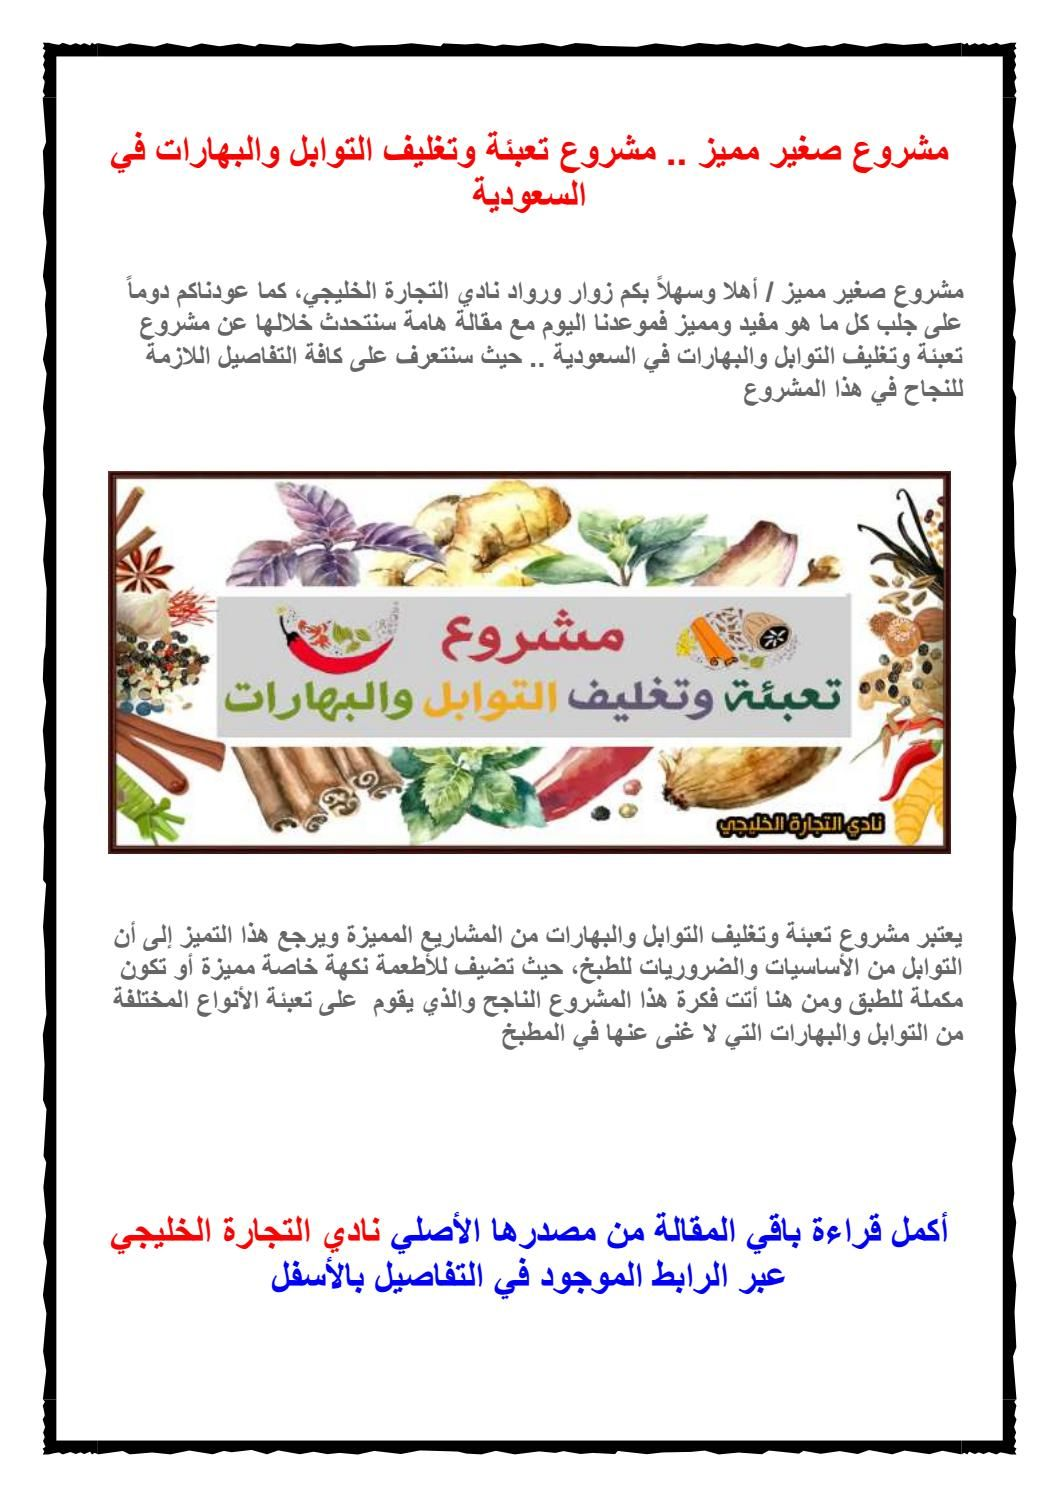 مشروع صغير مميز مشروع تعبئة وتغليف التوابل والبهارات في السعودية Microsoft Word Document Microsoft Word Microsoft